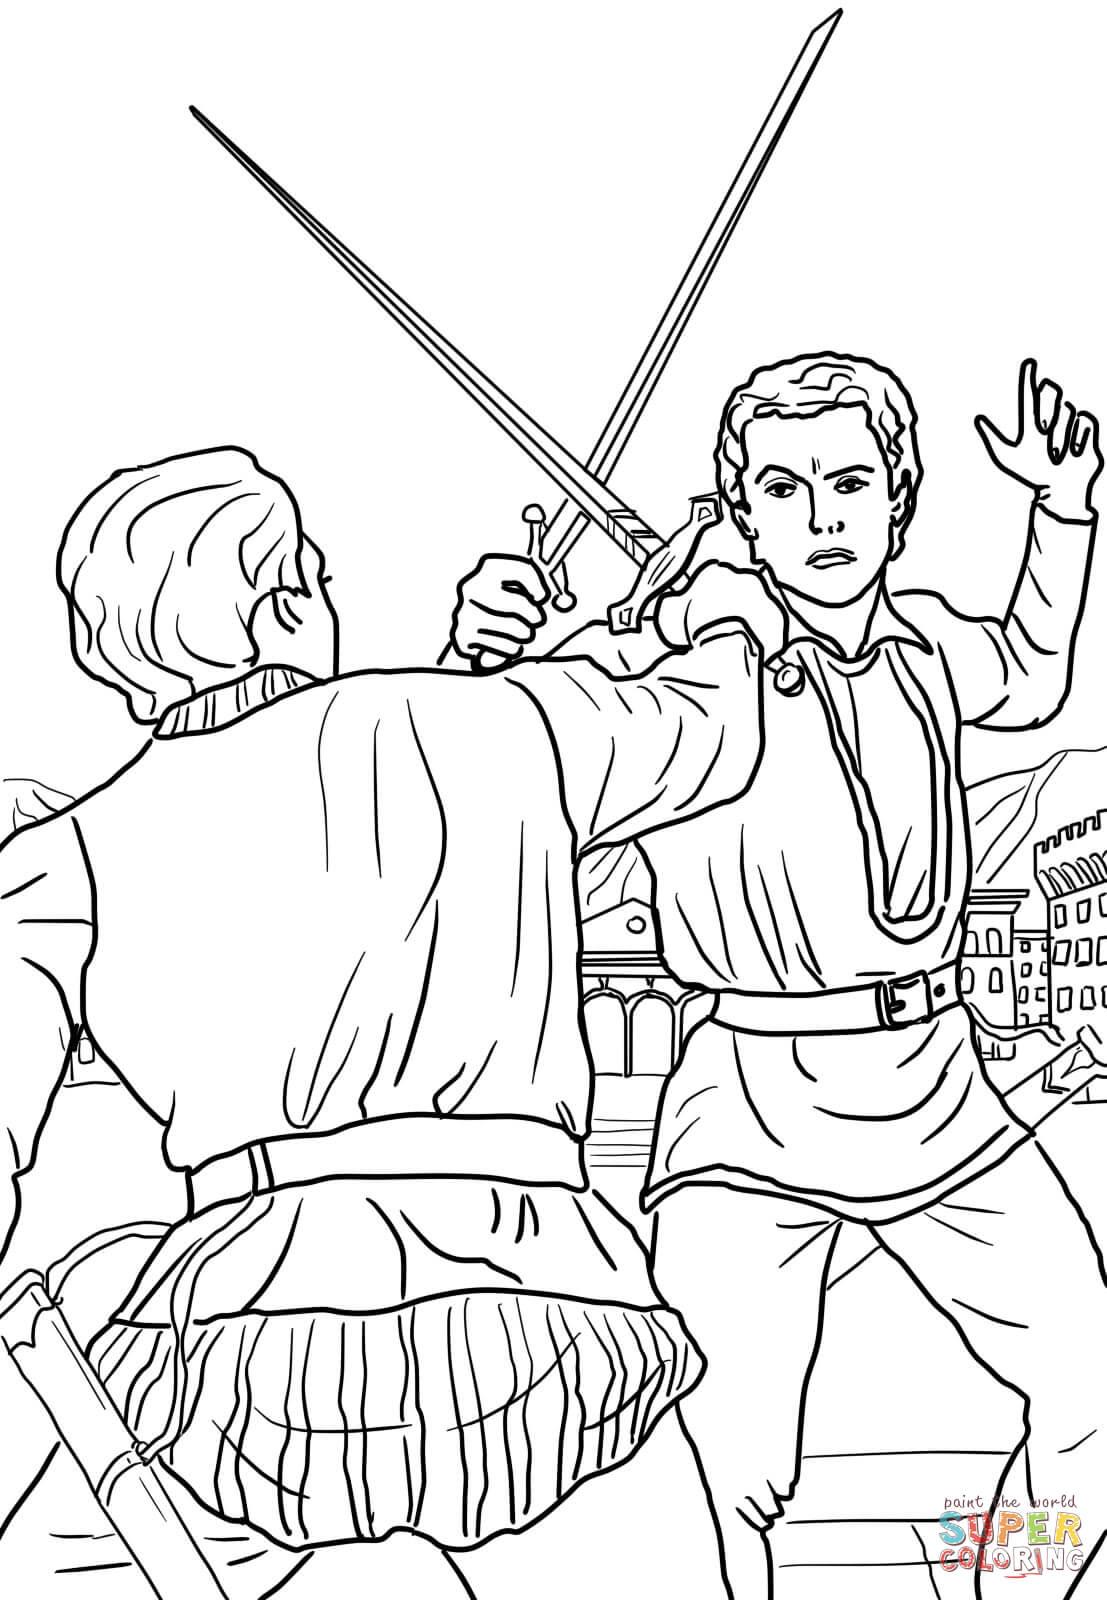 Dibujo de Romeo y Julieta, escena del duelo para colorear